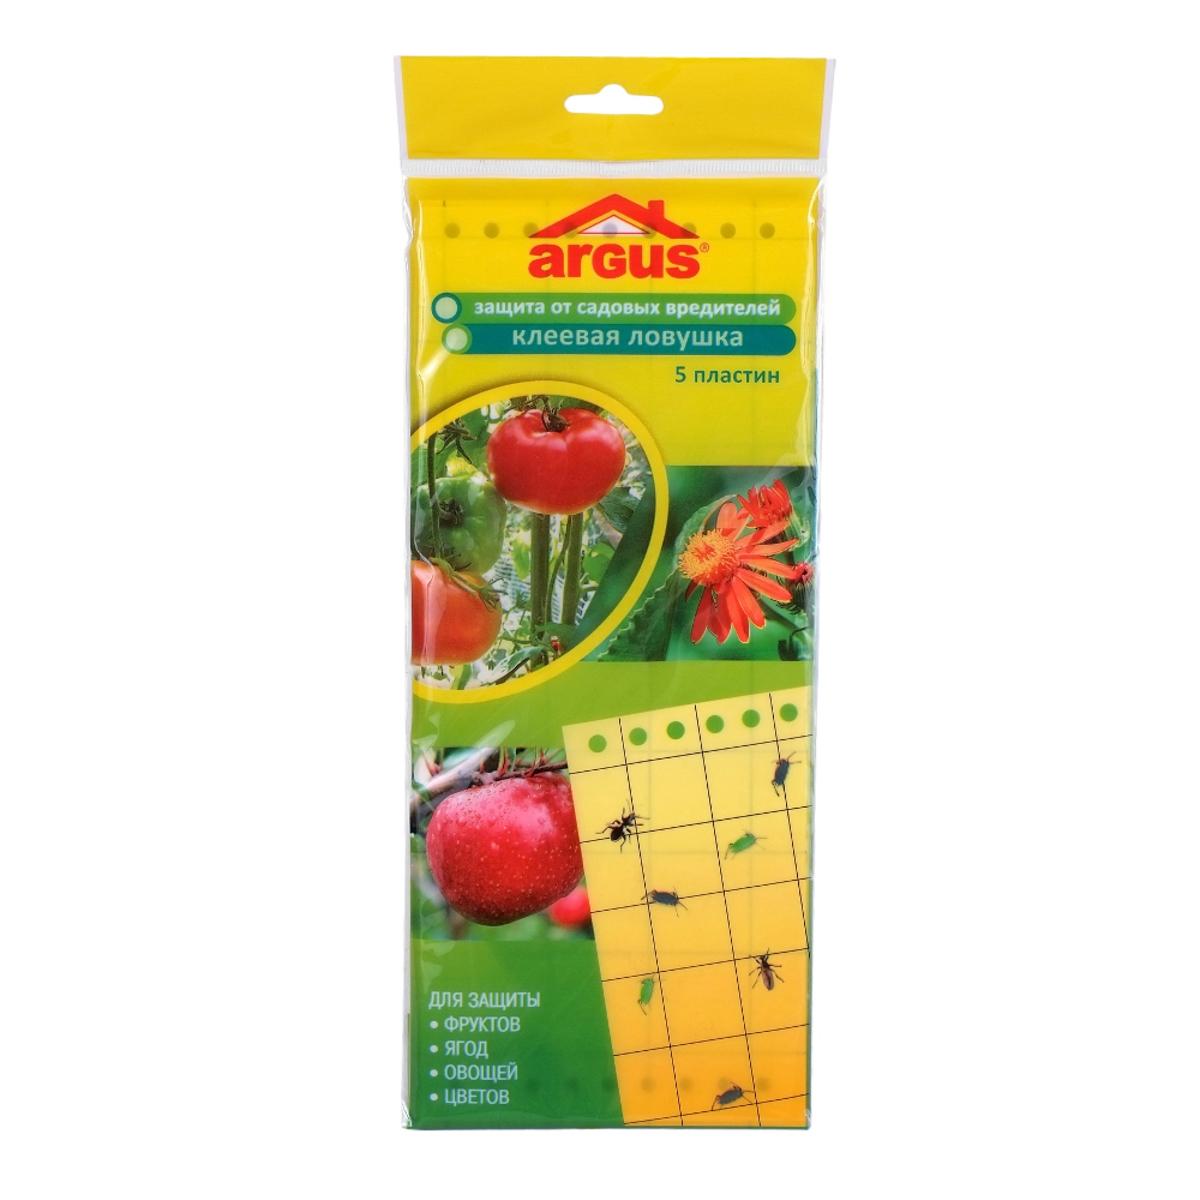 """Защита клеевая от садовых вредителей """"Argus"""", пластины, 5 шт"""